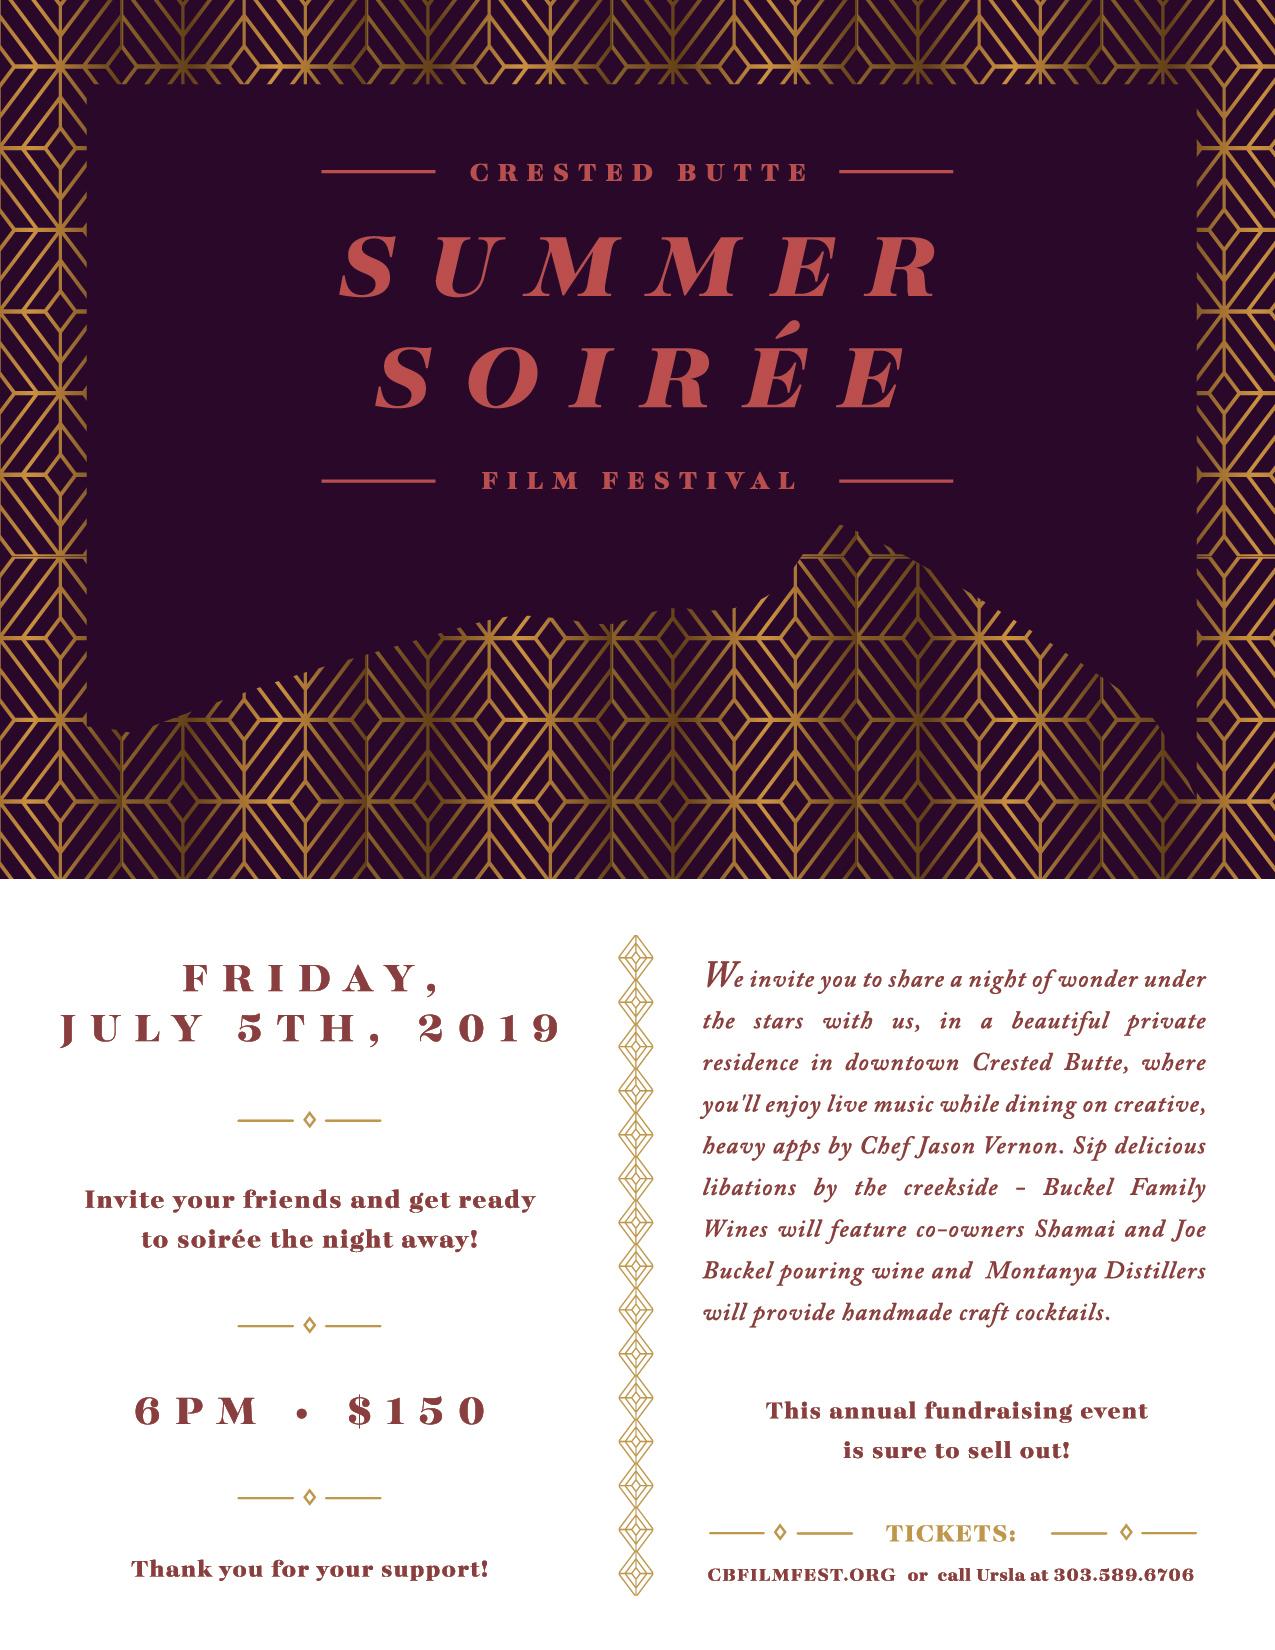 Summer Soirée Digital Invite 2019.jpg